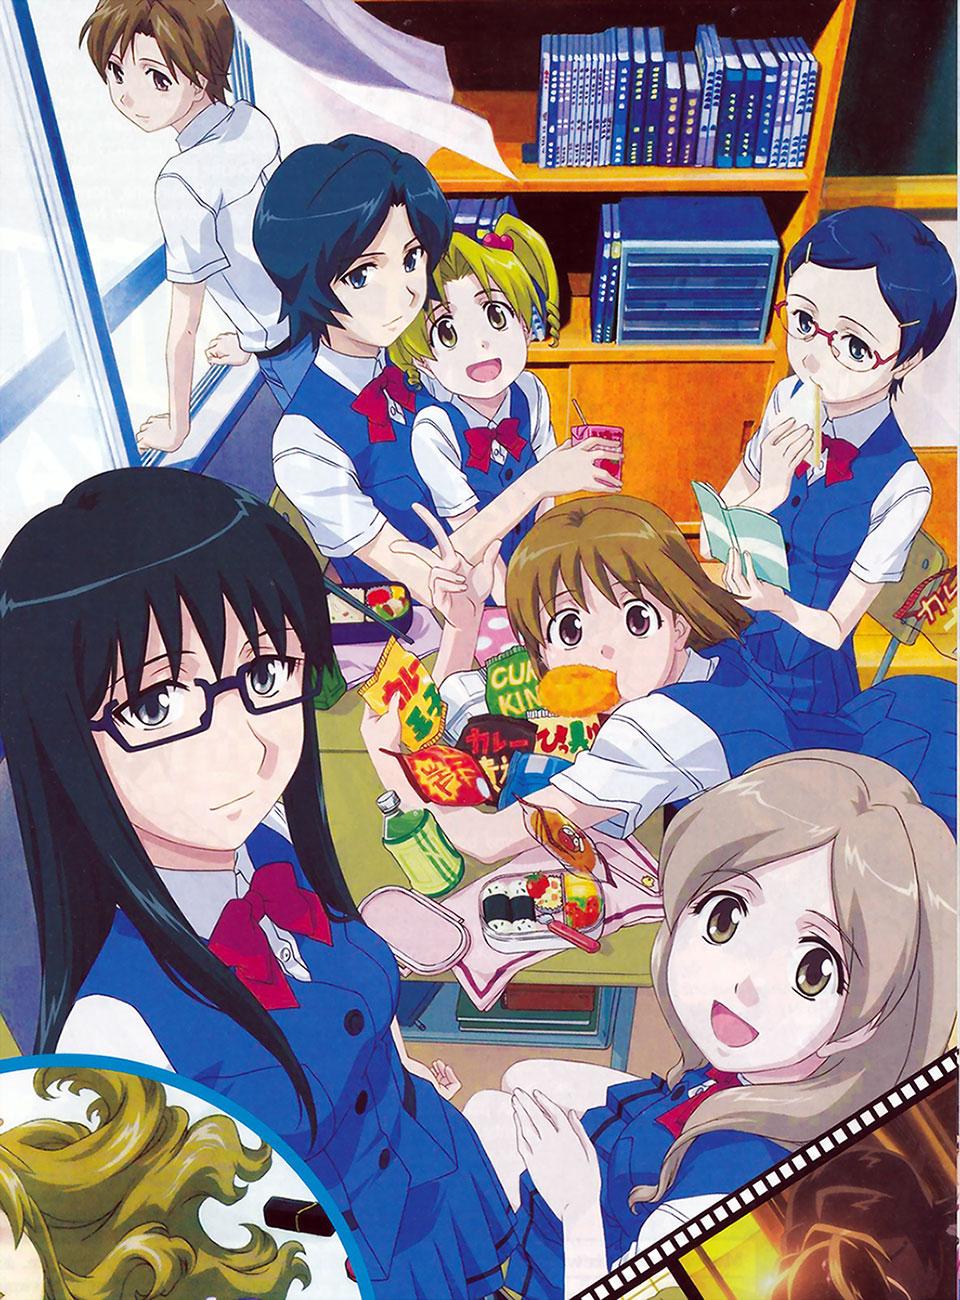 yuri anime sasameki koto